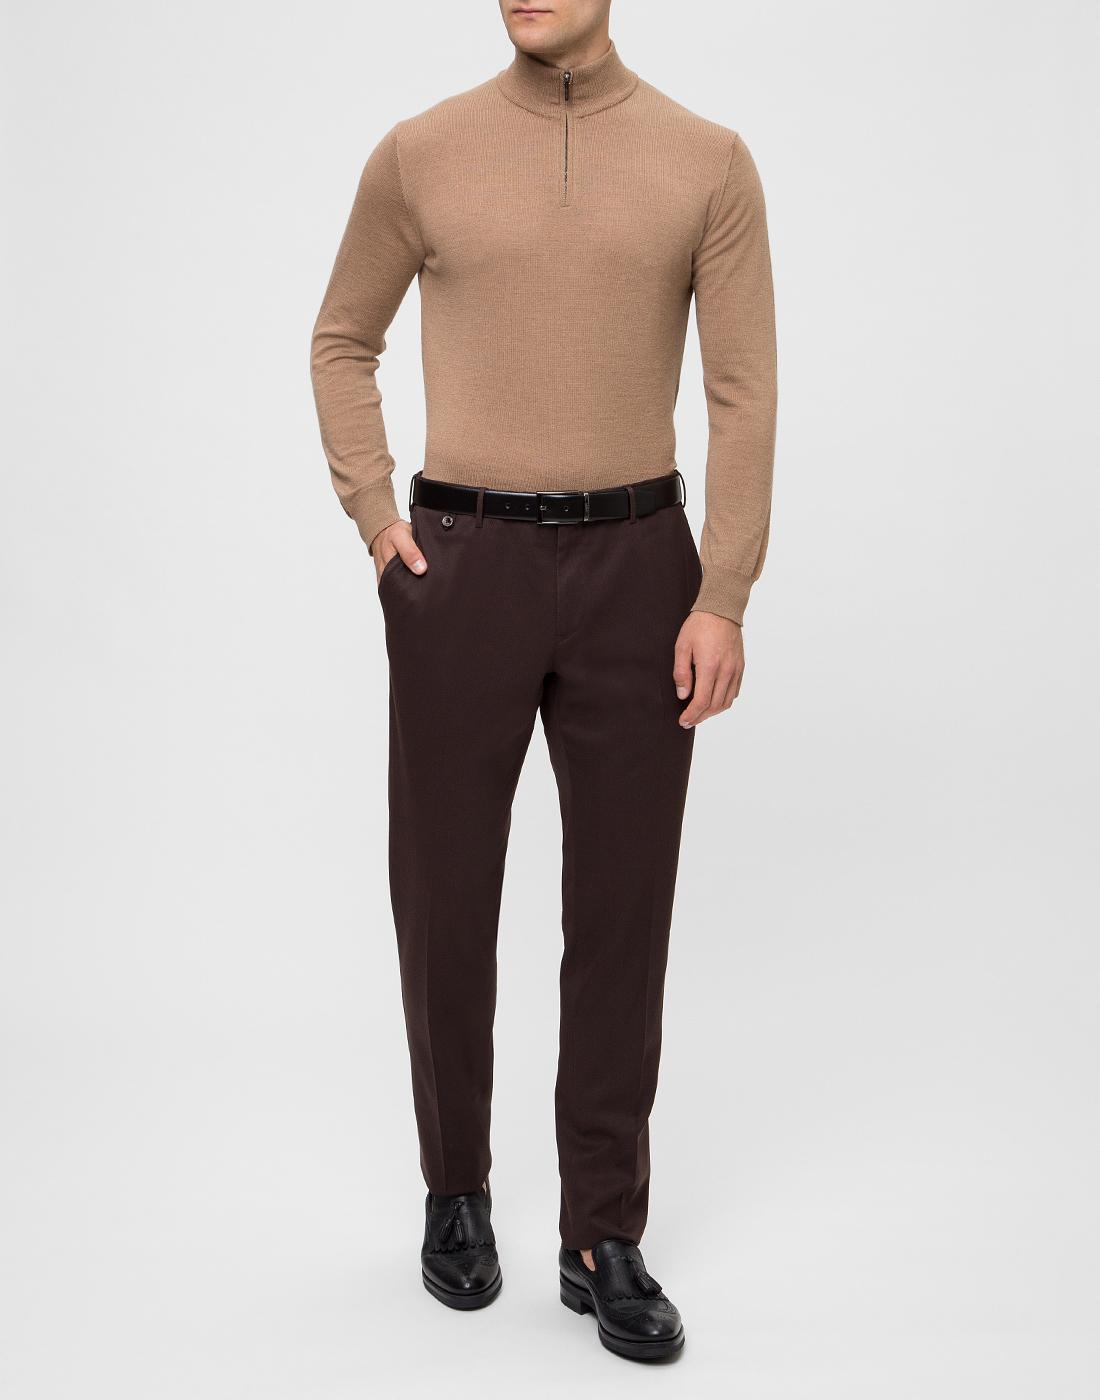 Мужской бежевый шерстяной свитер Dalmine S692029 537-5